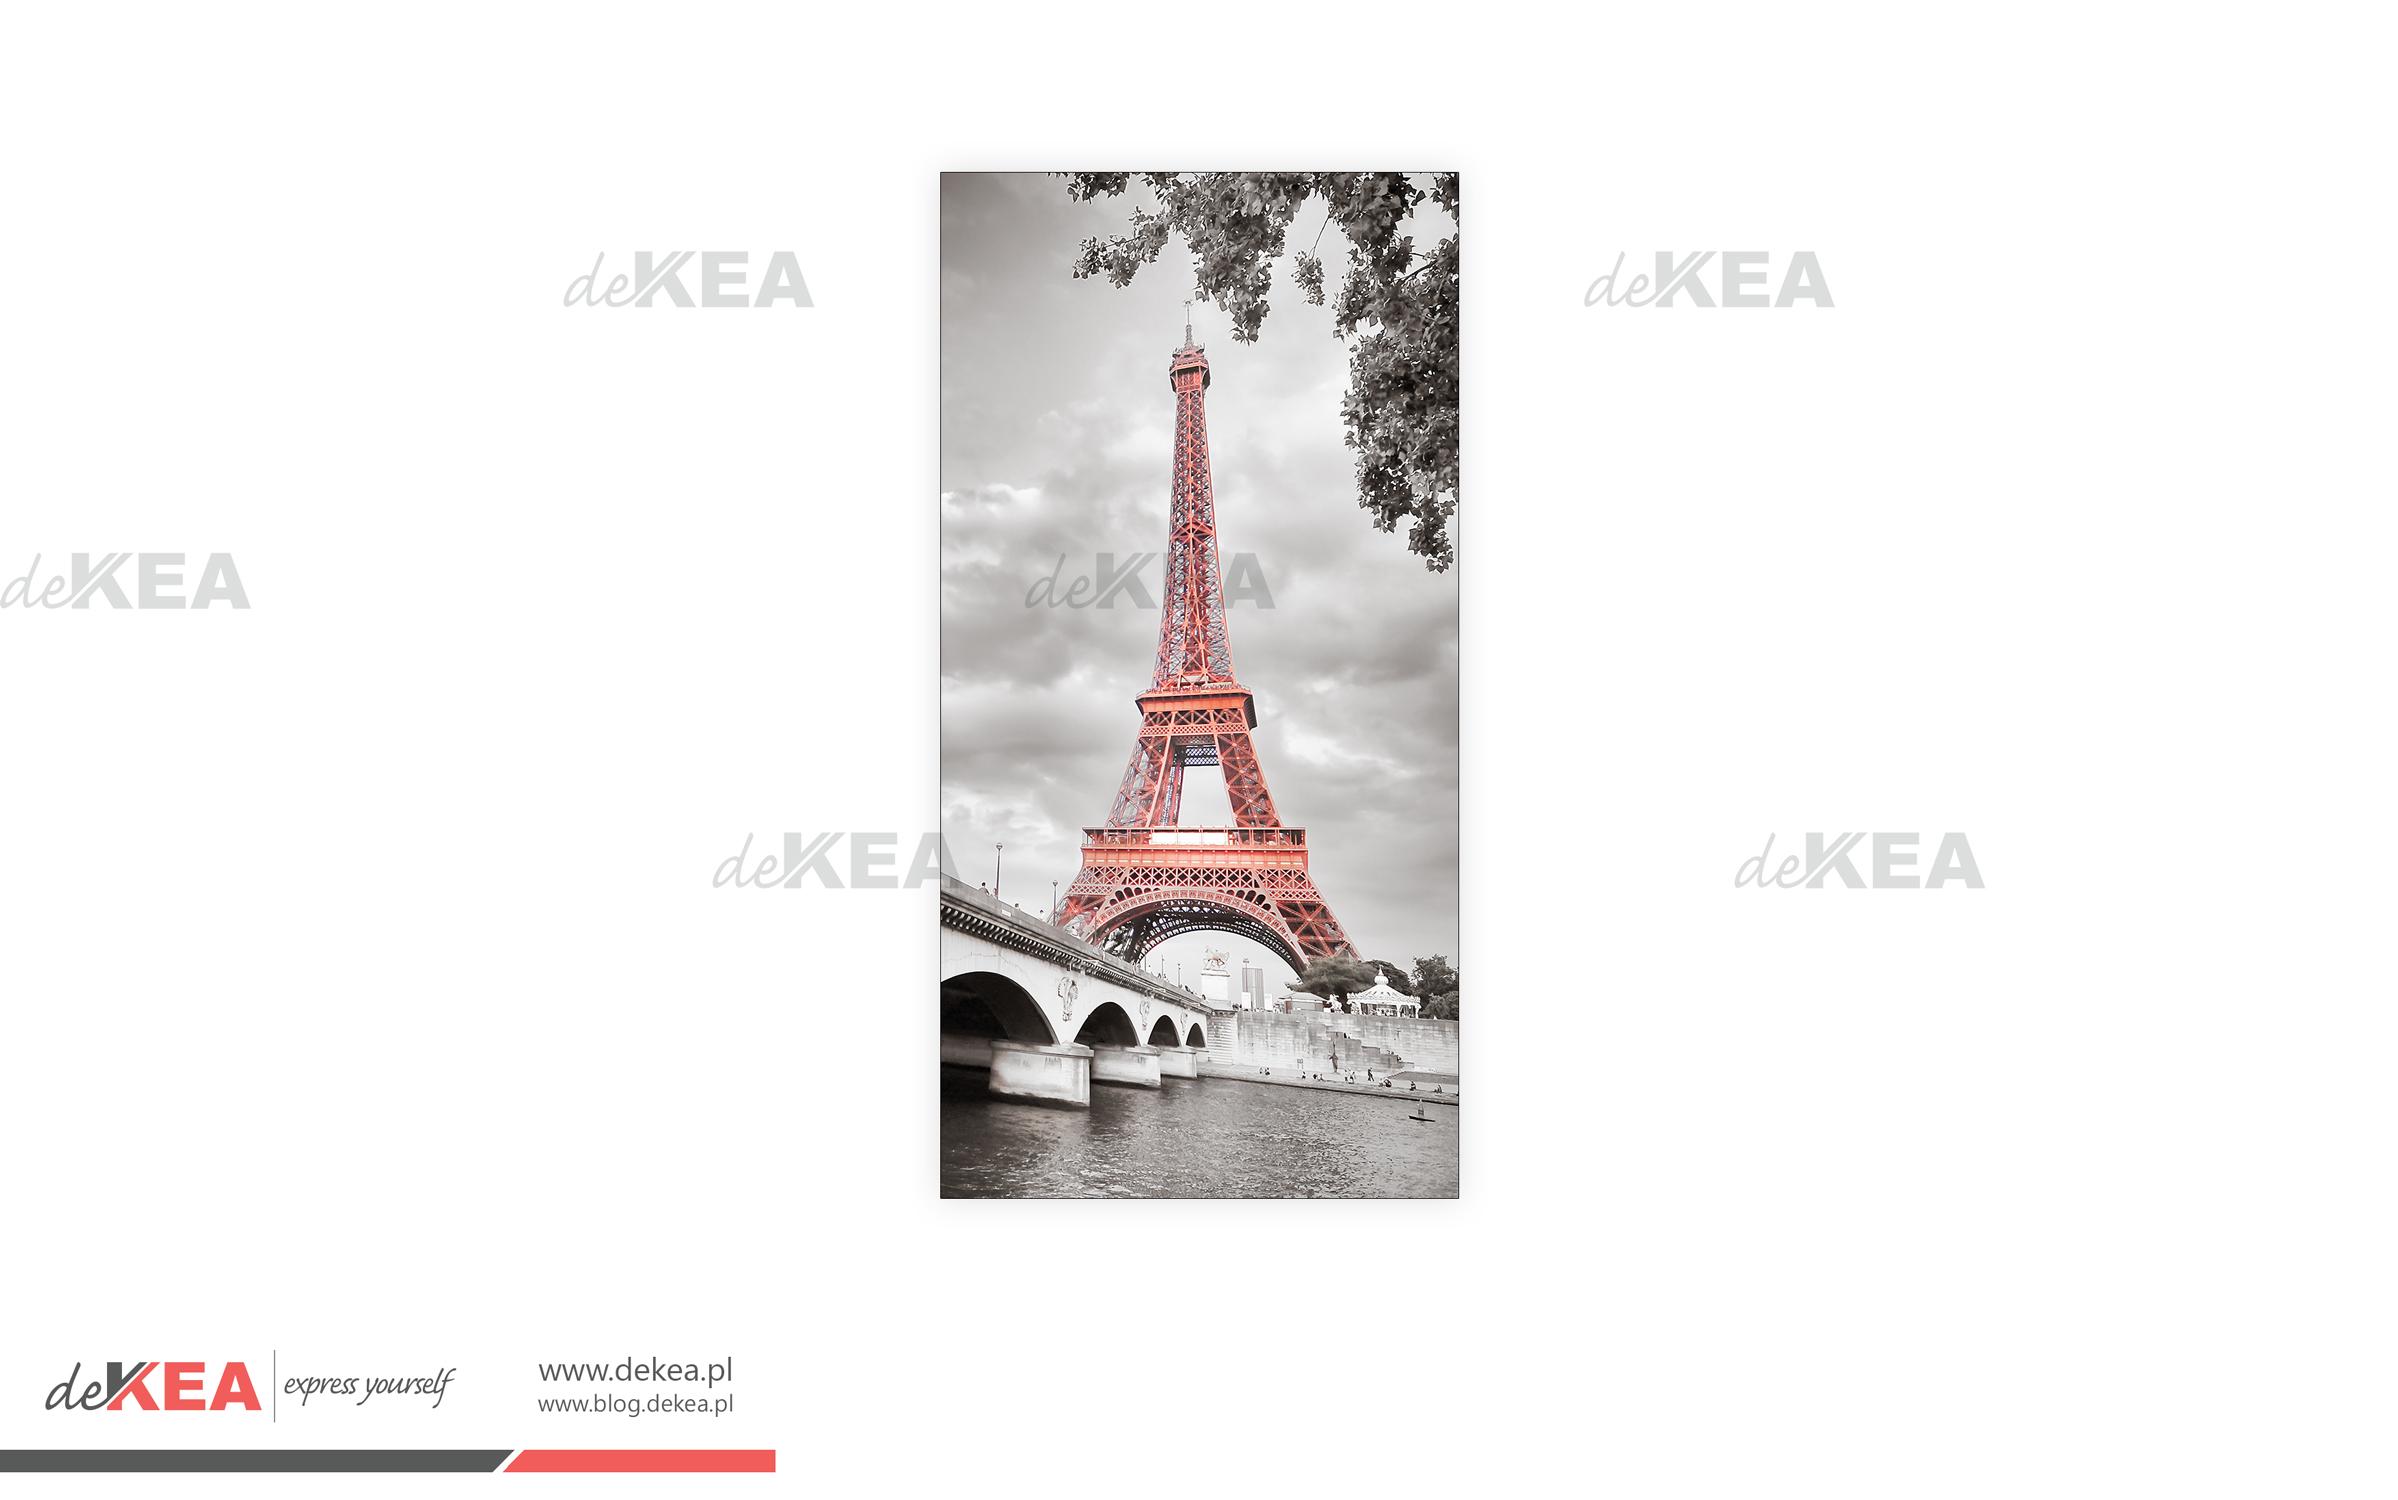 Fotorolety deKEA